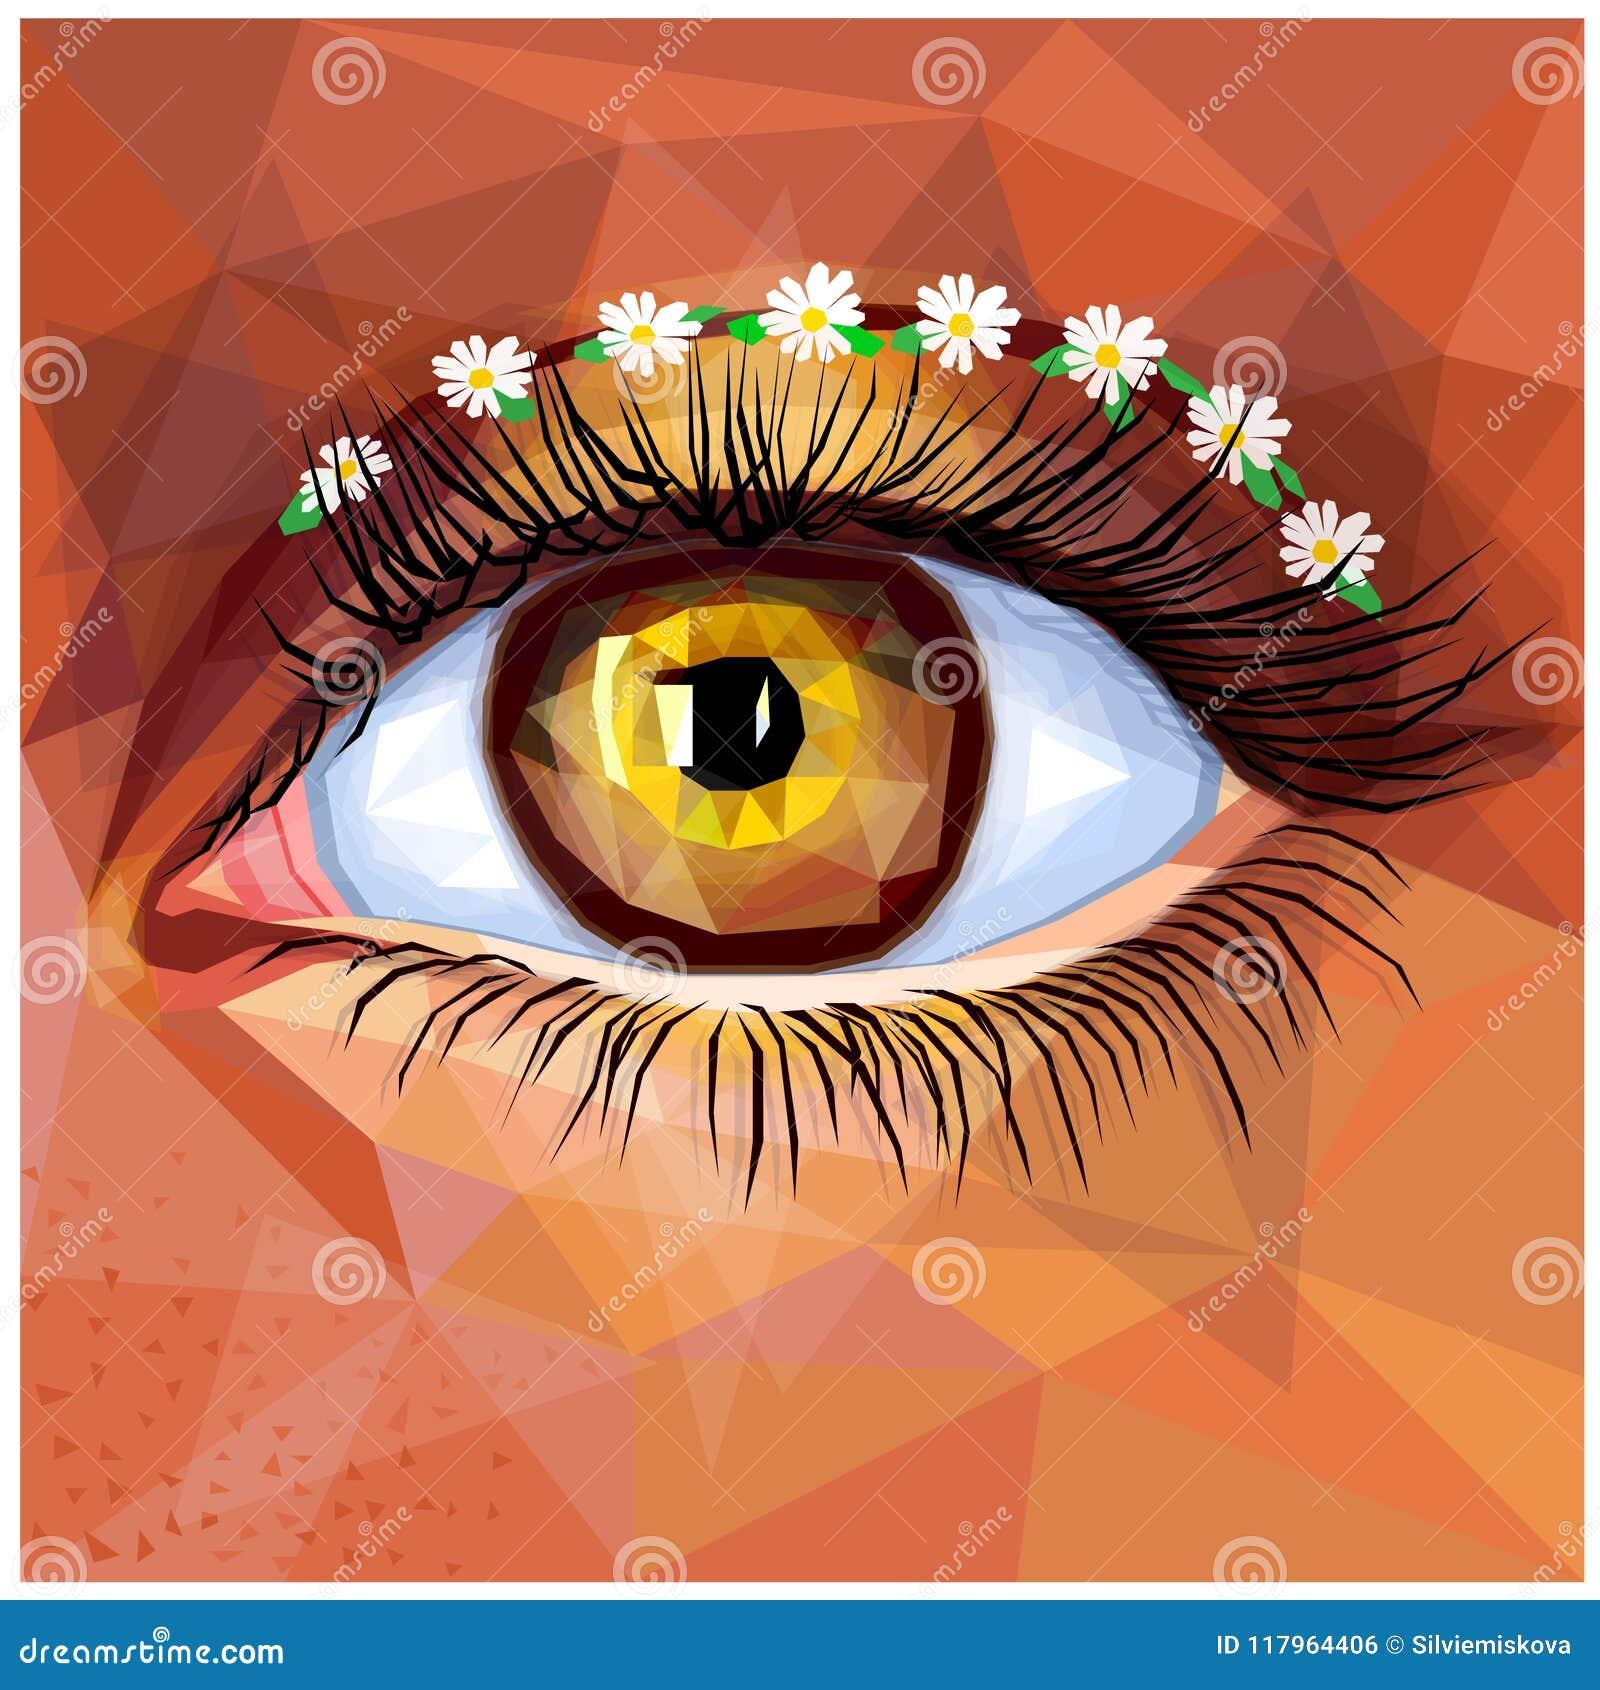 Look - Makeup eye unique art video